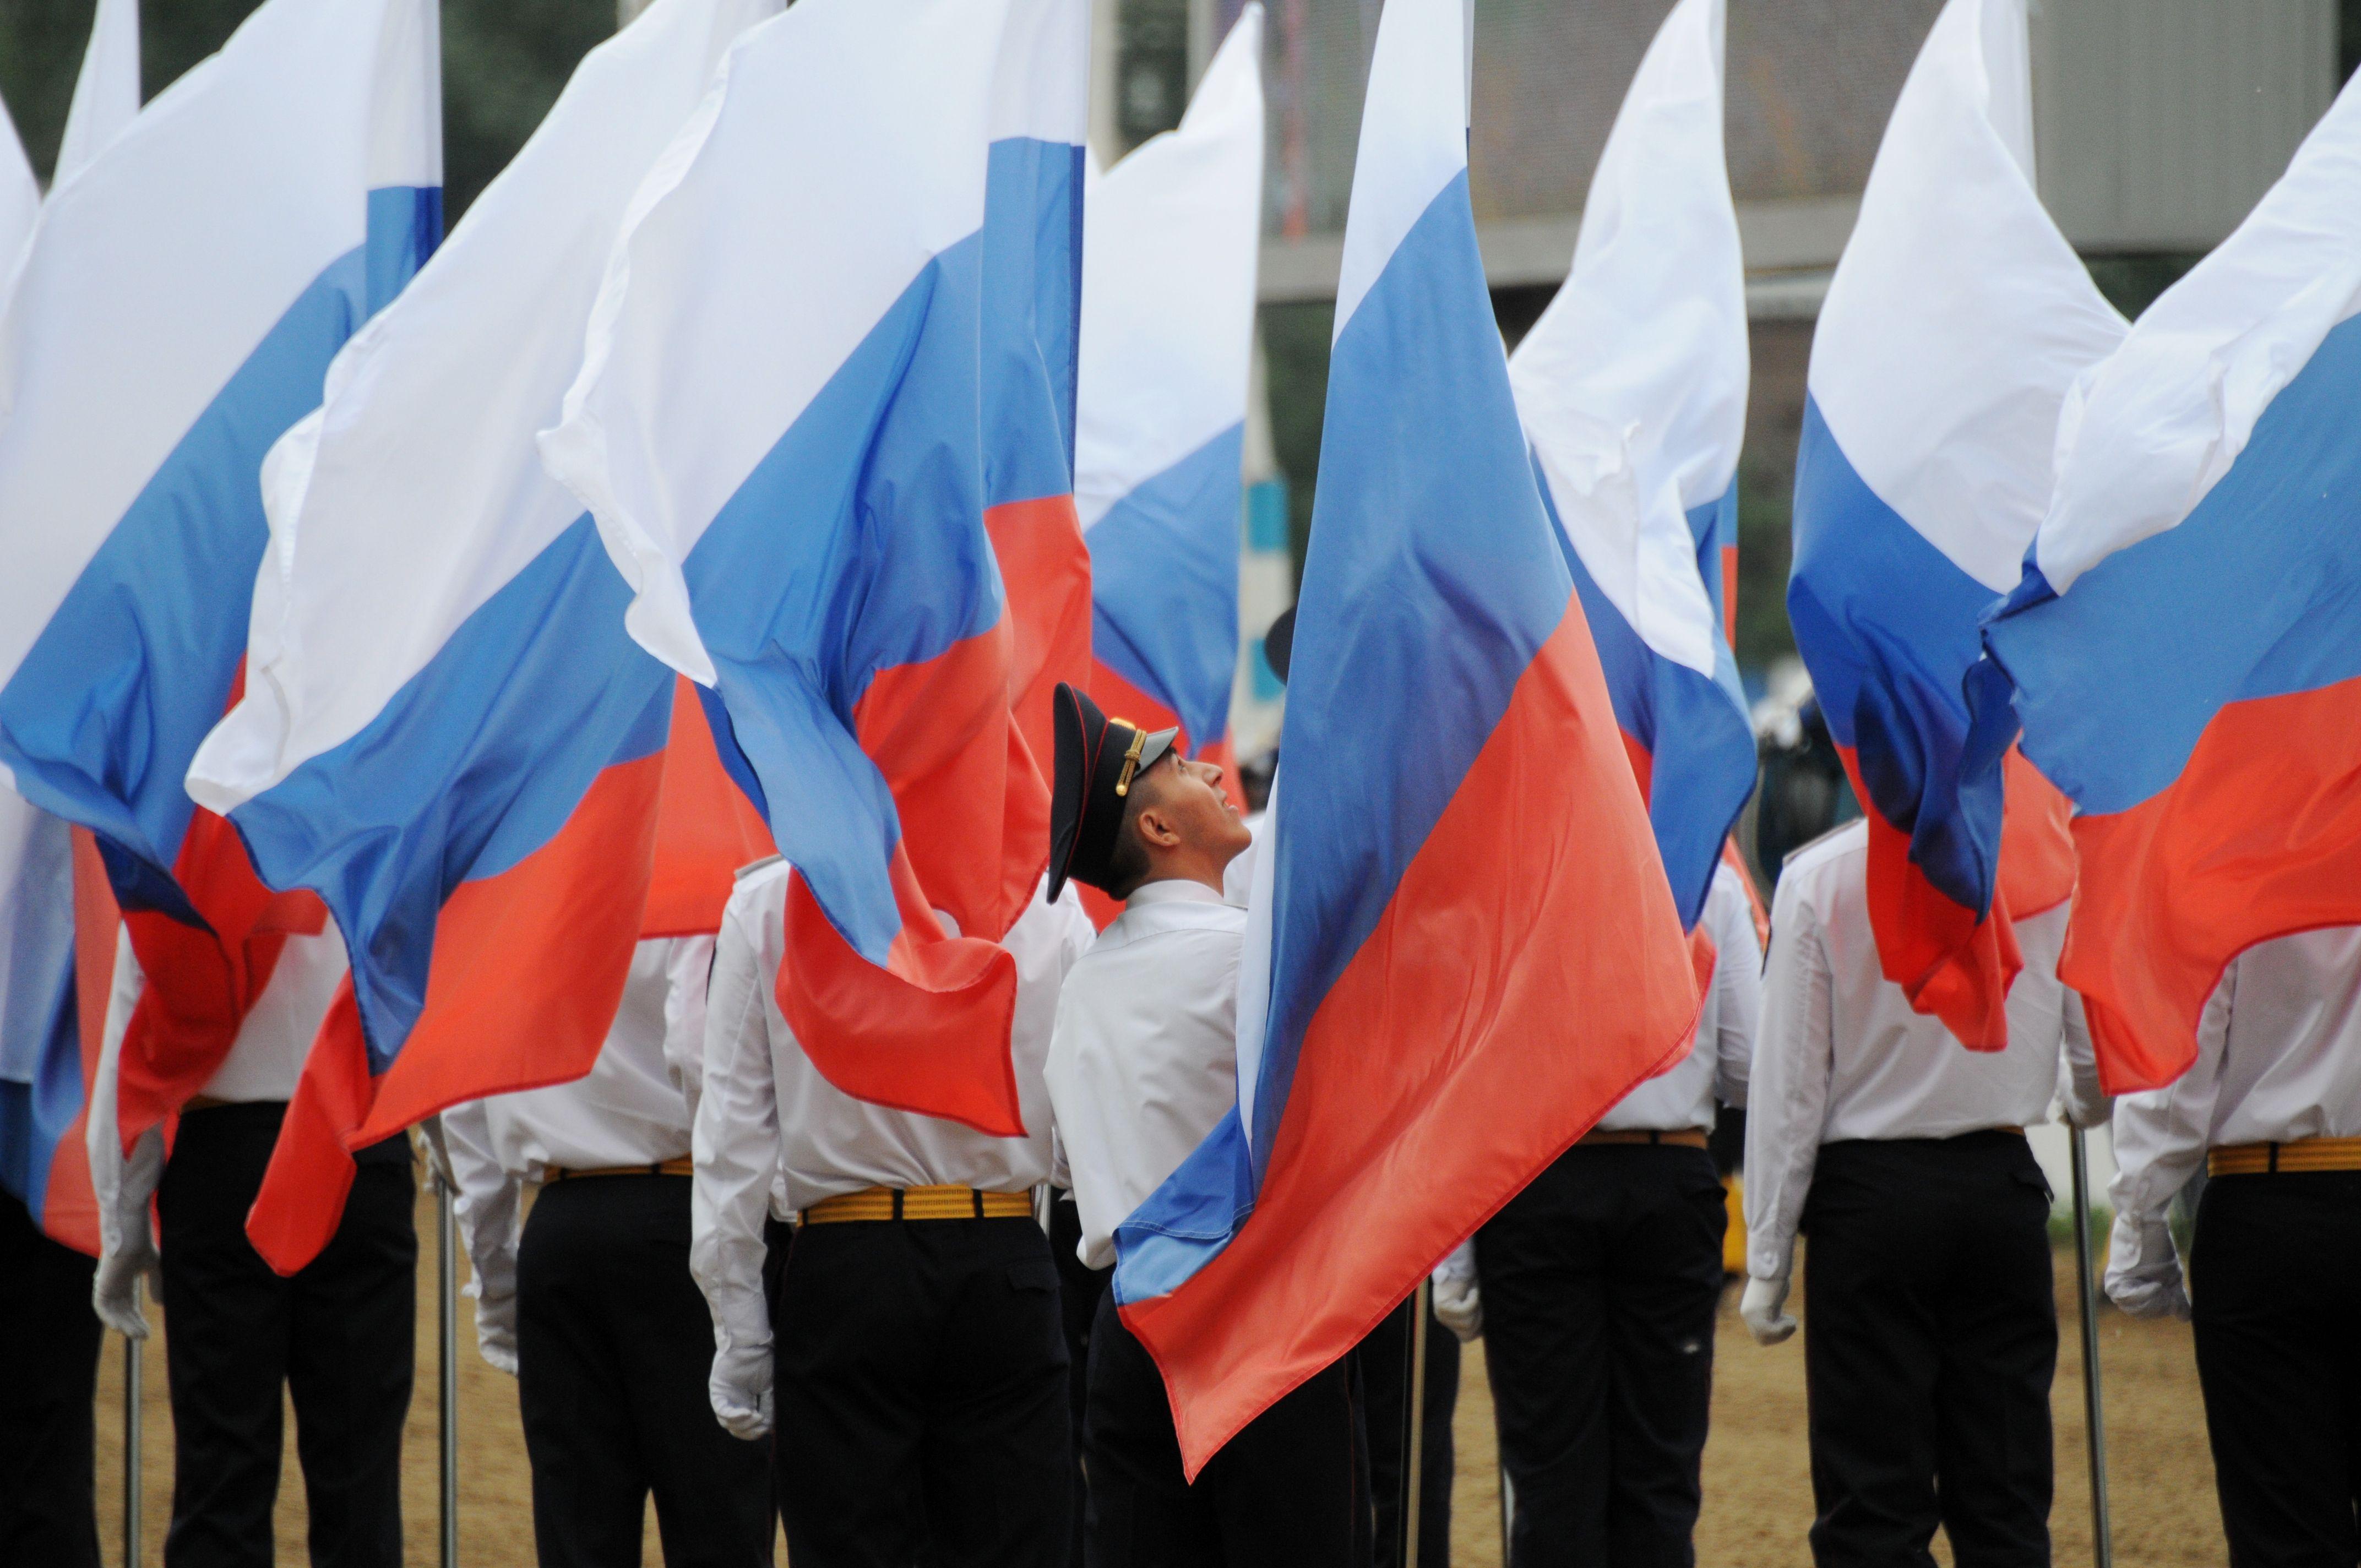 Масштабный флешмоб проходит на Сахарова в честь Дня флага России.Фото: архив, «Вечерняя Москва»